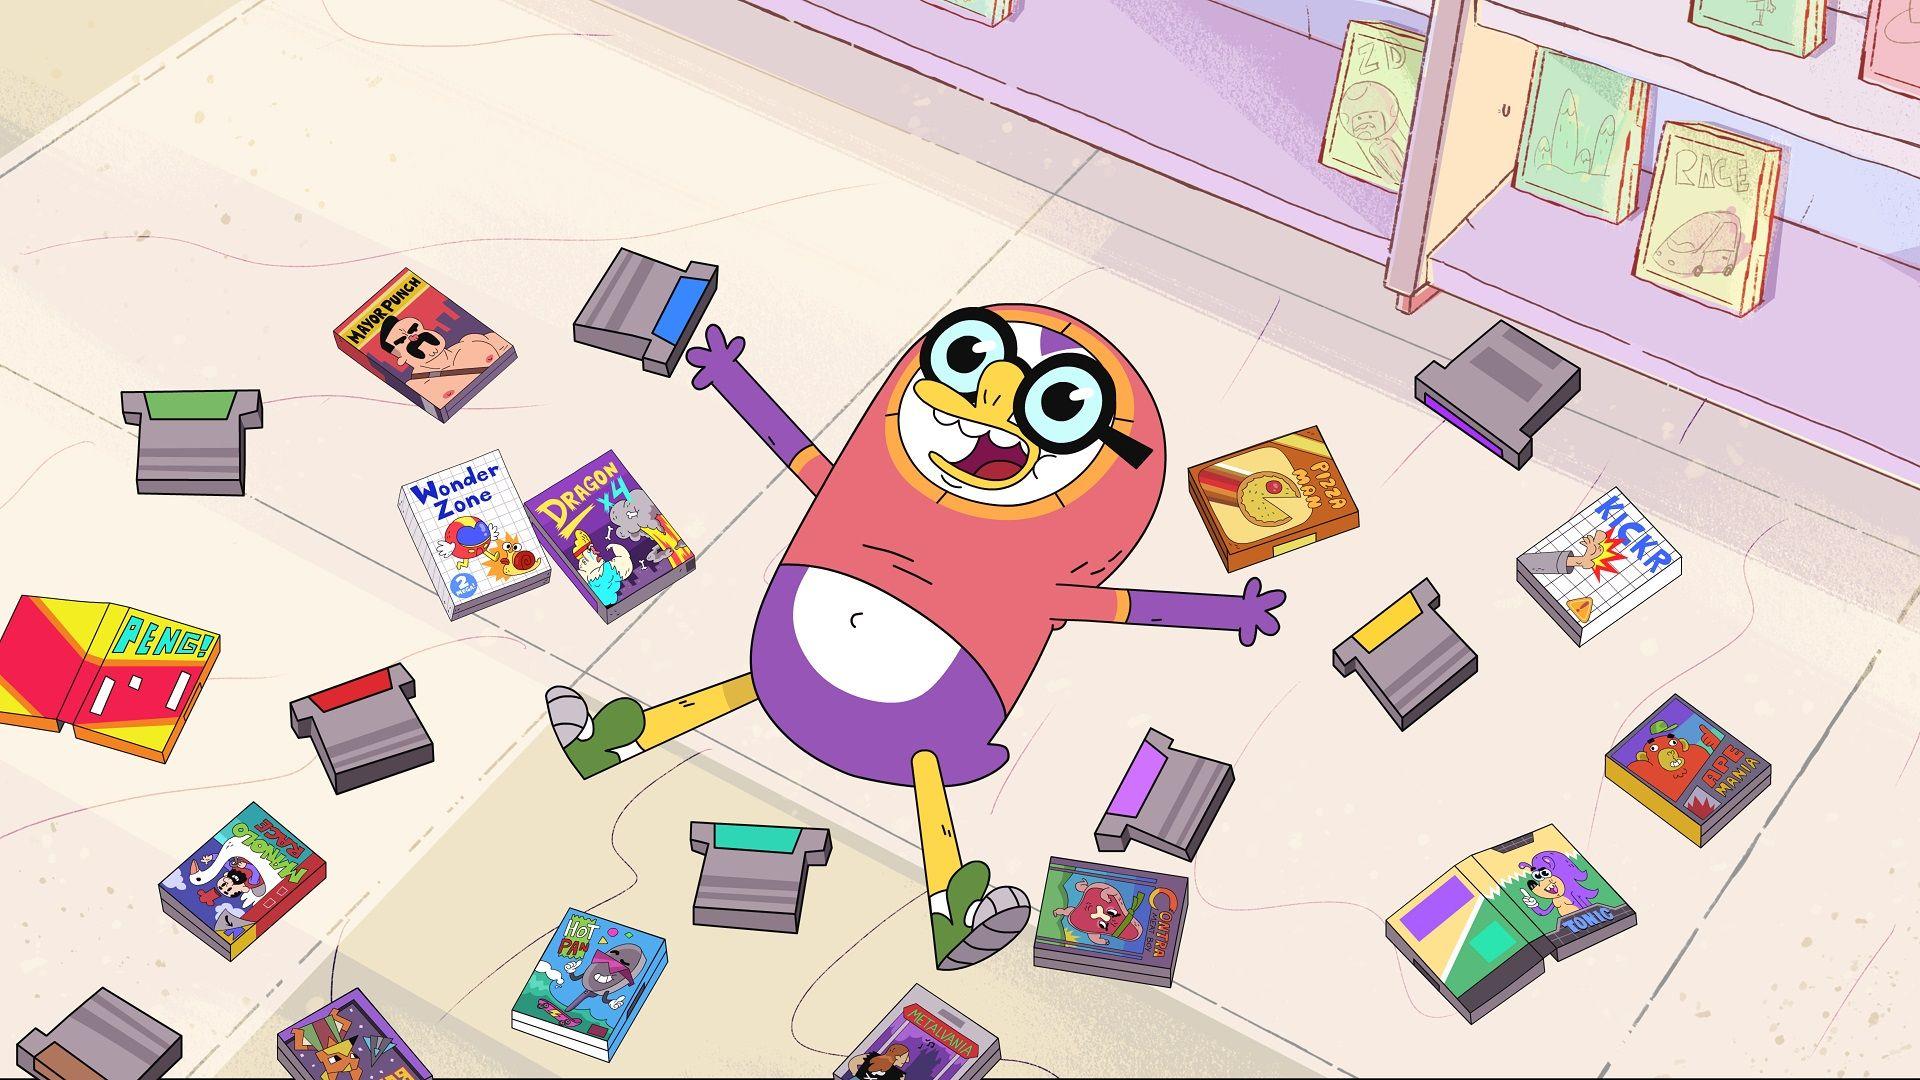 'Oswaldo' playing video games